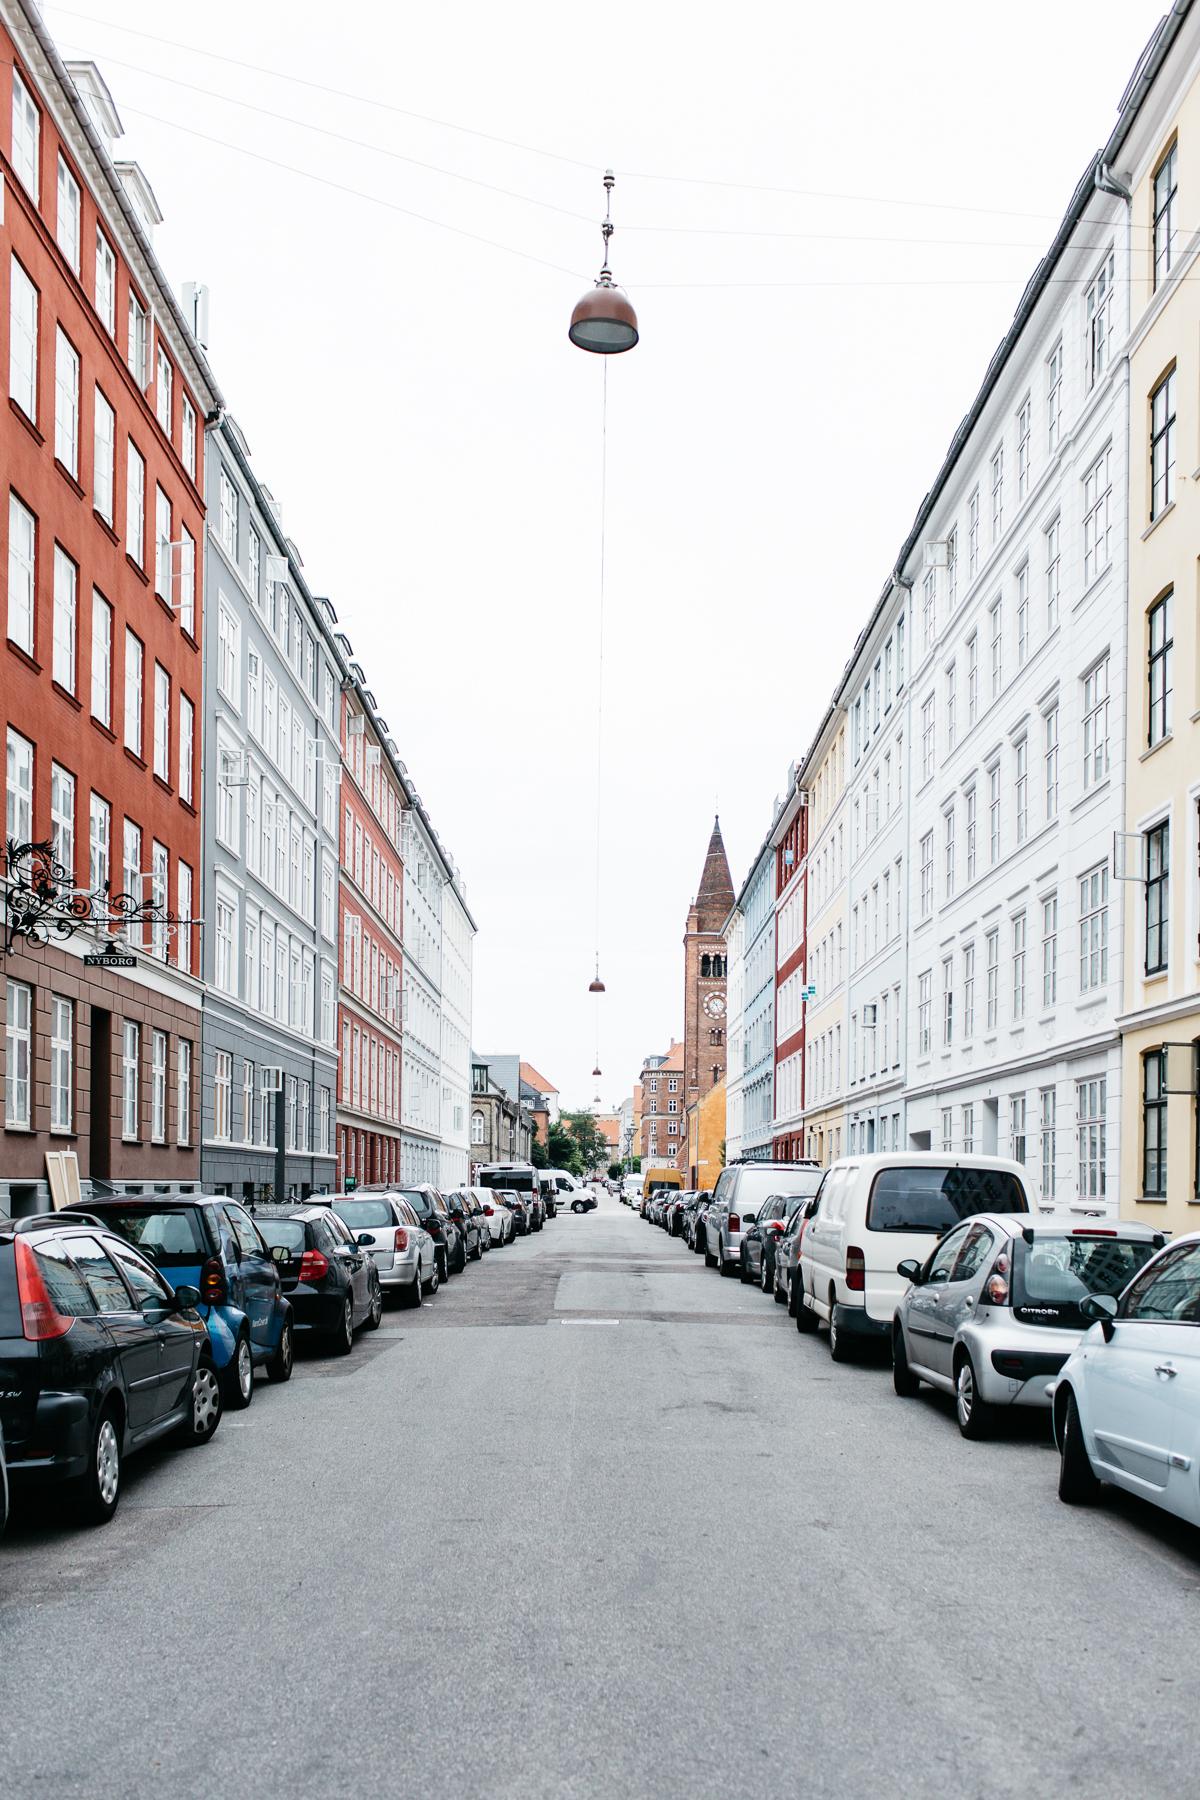 cph-street-3.jpg